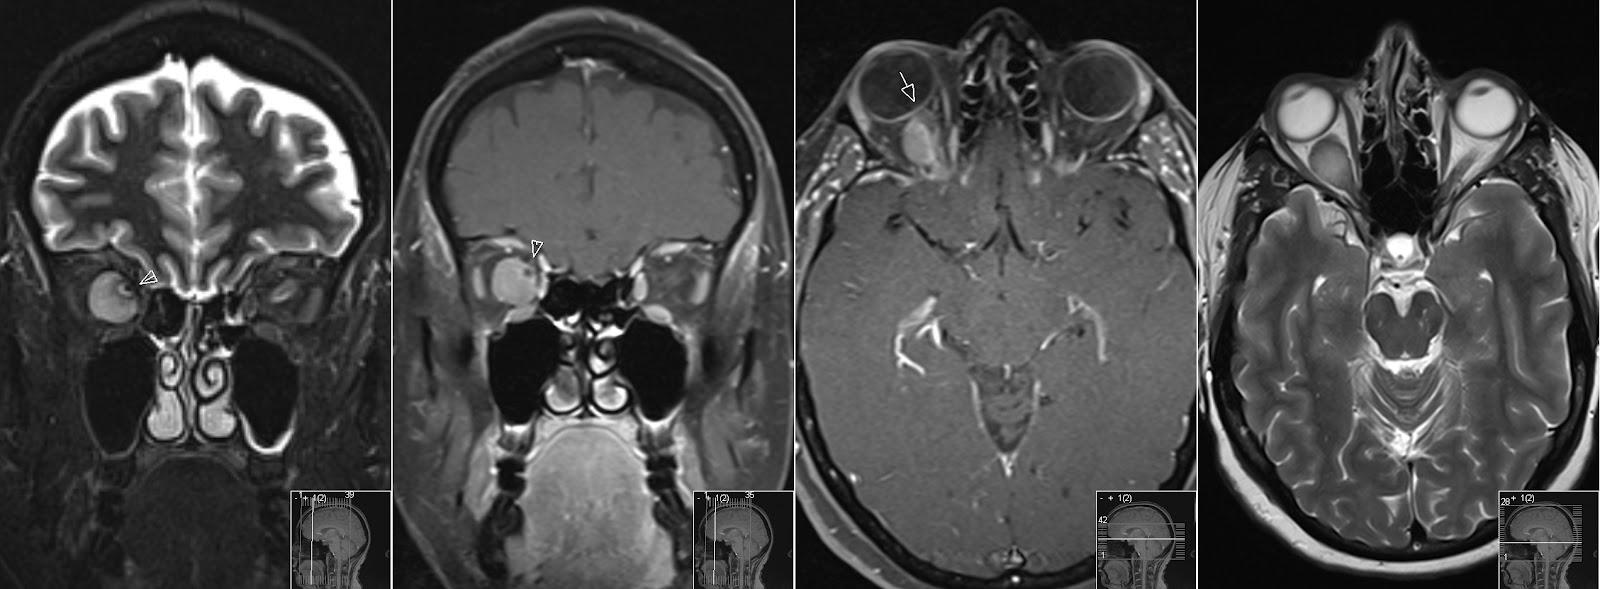 Optic Nerve Sheath Meningioma Radiology Imaging